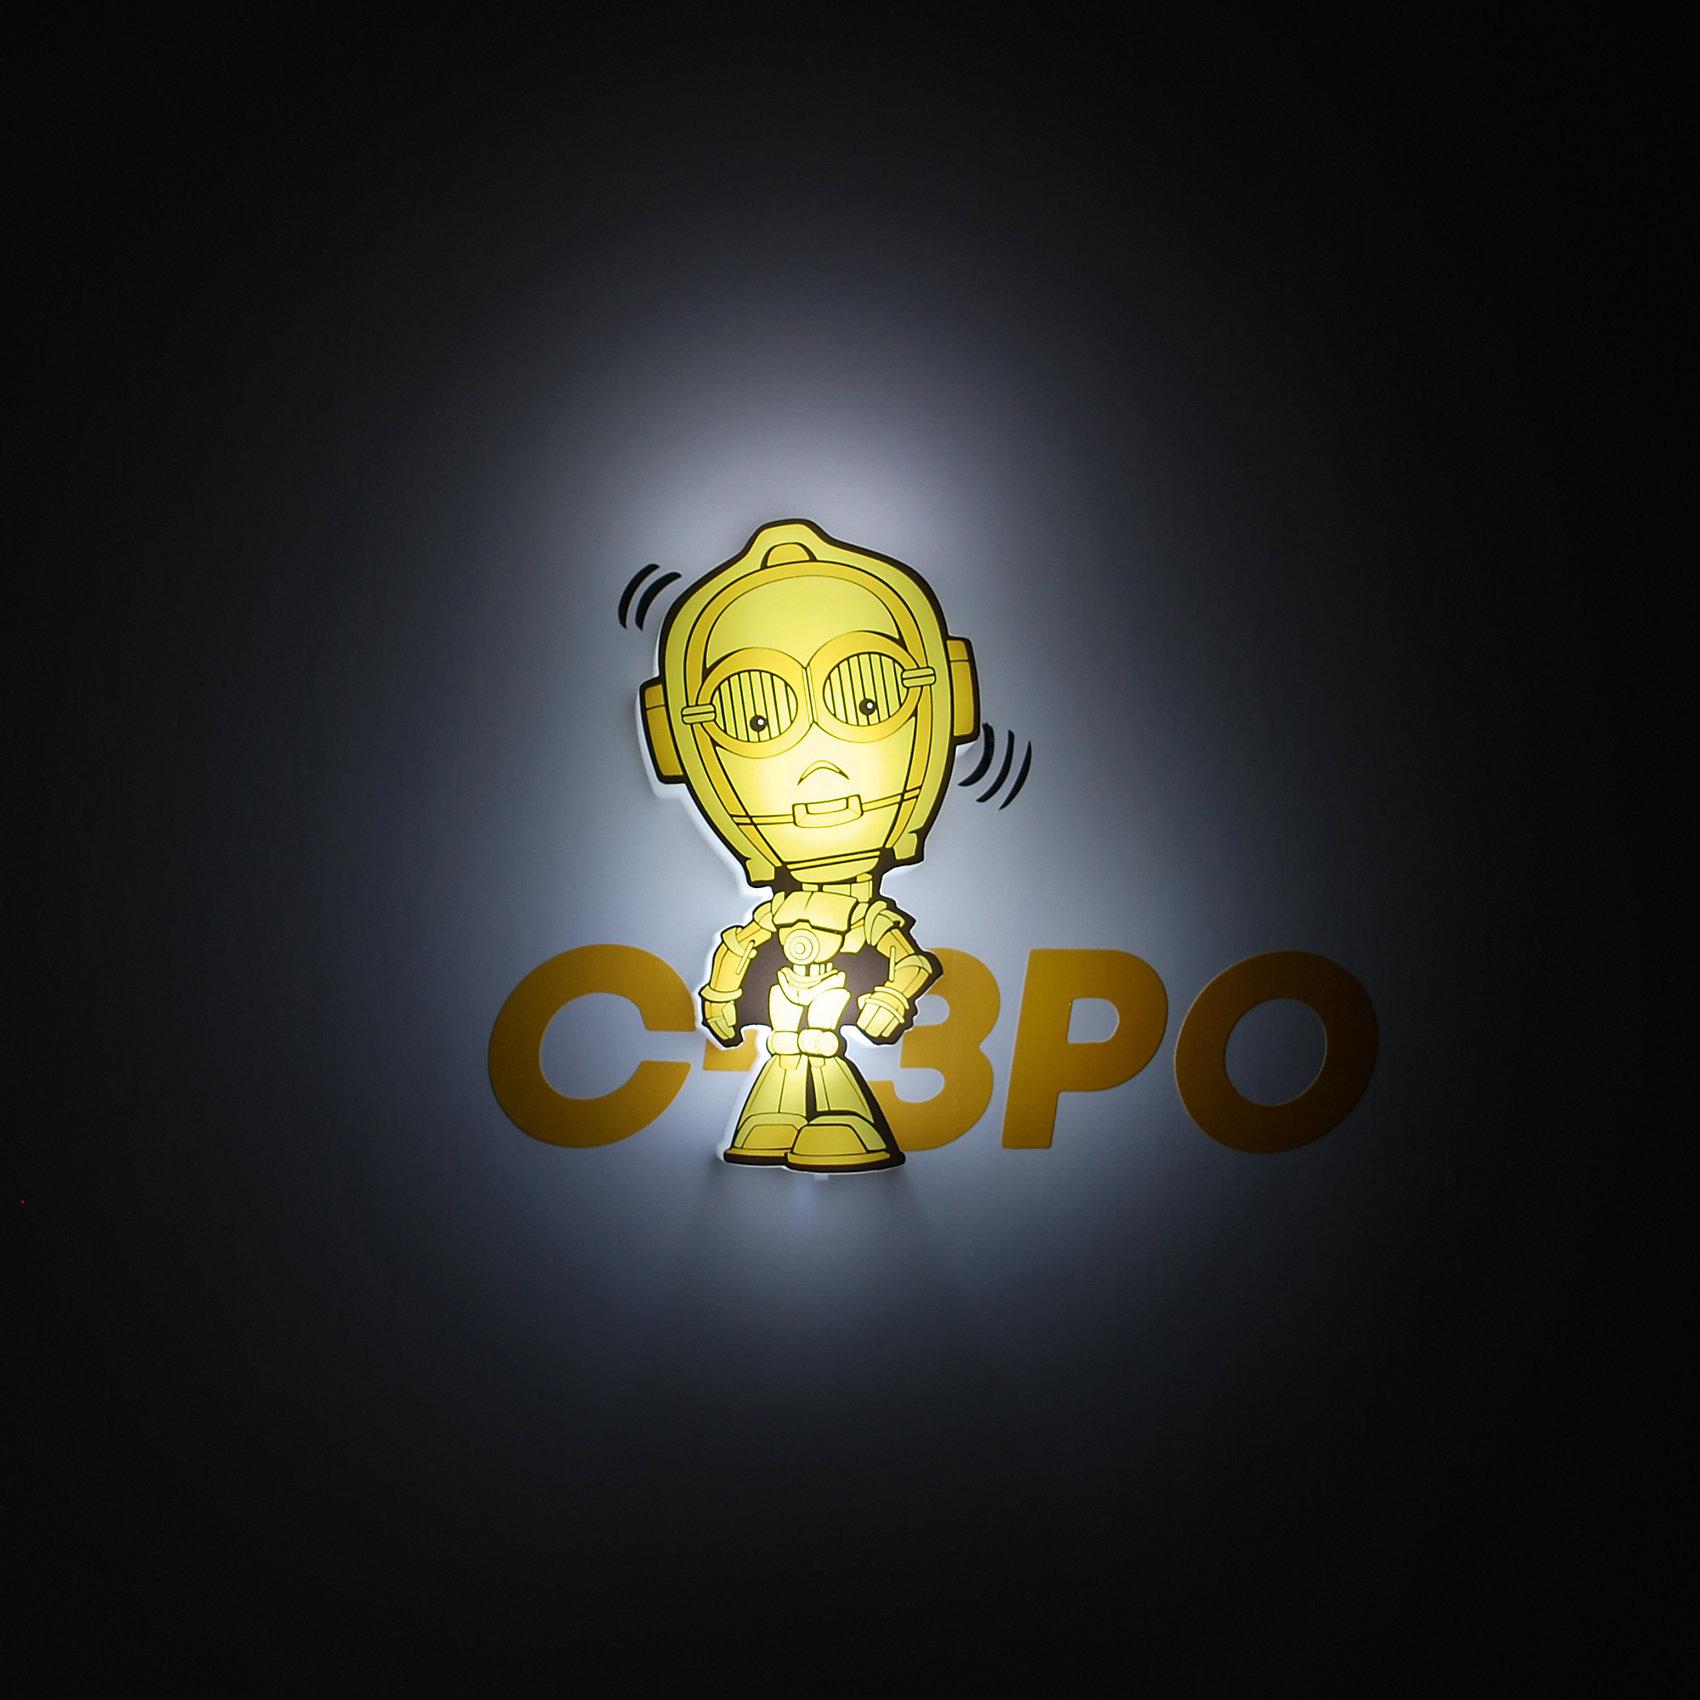 Пробивной мини 3D светильник C-3PO, Звёздные ВойныЗвездные войны<br>Пробивной мини 3D светильник C-3PO, Звёздные Войны – светильник станет оригинальным декором для комнаты и подарит приятный мягкий свет.<br>Оригинальный пробивной 3D светильник, выполненный в виде дроида C-3PO – героя саги Звездные войны, создаст сказочную атмосферу в детской комнате. Мягкое приглушенное свечение наполнит детскую комнату теплом и уютом и избавит ребенка от ночных страхов. В основе работы светильника заложена светодиодная LED-технология, благодаря которой - он лёгкий, затрачивает небольшое количество энергии, не нагревается. Включение и выключения светильника выполняется путем передвижения рычажка. Приятным дополнением к светильнику служат тематические наклейки для декора.<br><br>Дополнительная информация:<br><br>- В комплекте: светильник; наклейки; крепеж<br>- Товар предназначен для детей старше 3 лет<br>- Безопасный: без проводов, работает от батареек (2хААА, не входят в комплект)<br>- Используются светодиоды: LED технология<br>- Не нагревается: всегда можно дотронуться до изделия<br>- Фантастический: выглядит превосходно в любое время суток<br>- Удобный: простая установка (автоматическое выключение через полчаса непрерывной работы)<br>- Материал: пластик, металл<br>- Размер светильника: 7,6x2,5x12,7 см.<br>- Размер упаковки: 16,9х4,1х16 см.<br>- Вес: 150 г.<br>- ВНИМАНИЕ! Содержит мелкие детали, использовать под непосредственным наблюдением взрослых<br>- Страна происхождения: Китай<br>- Дизайн и разработка: Канада<br><br>Пробивной мини 3D светильник C-3PO, Звёздные Войны можно купить в нашем интернет-магазине.<br><br>Ширина мм: 169<br>Глубина мм: 41<br>Высота мм: 160<br>Вес г: 150<br>Возраст от месяцев: 36<br>Возраст до месяцев: 2147483647<br>Пол: Унисекс<br>Возраст: Детский<br>SKU: 4566032